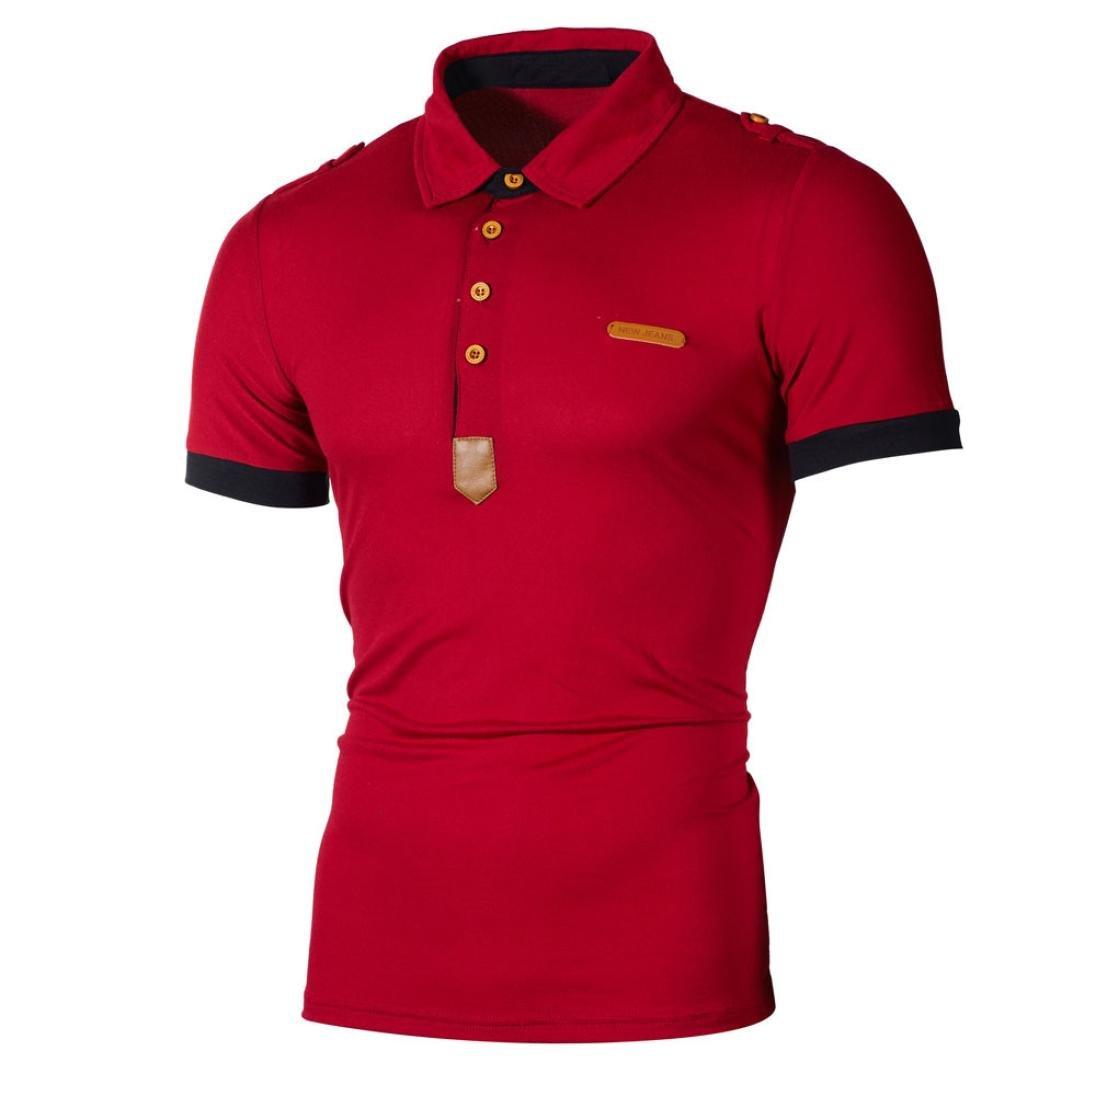 Amlaiworld Camisetas Hombre Originales Verano Letra Polos Camiseta Hombres  Chandal Ofertas Moda Polos Personalidad Casual 4c5f50c8ff6db